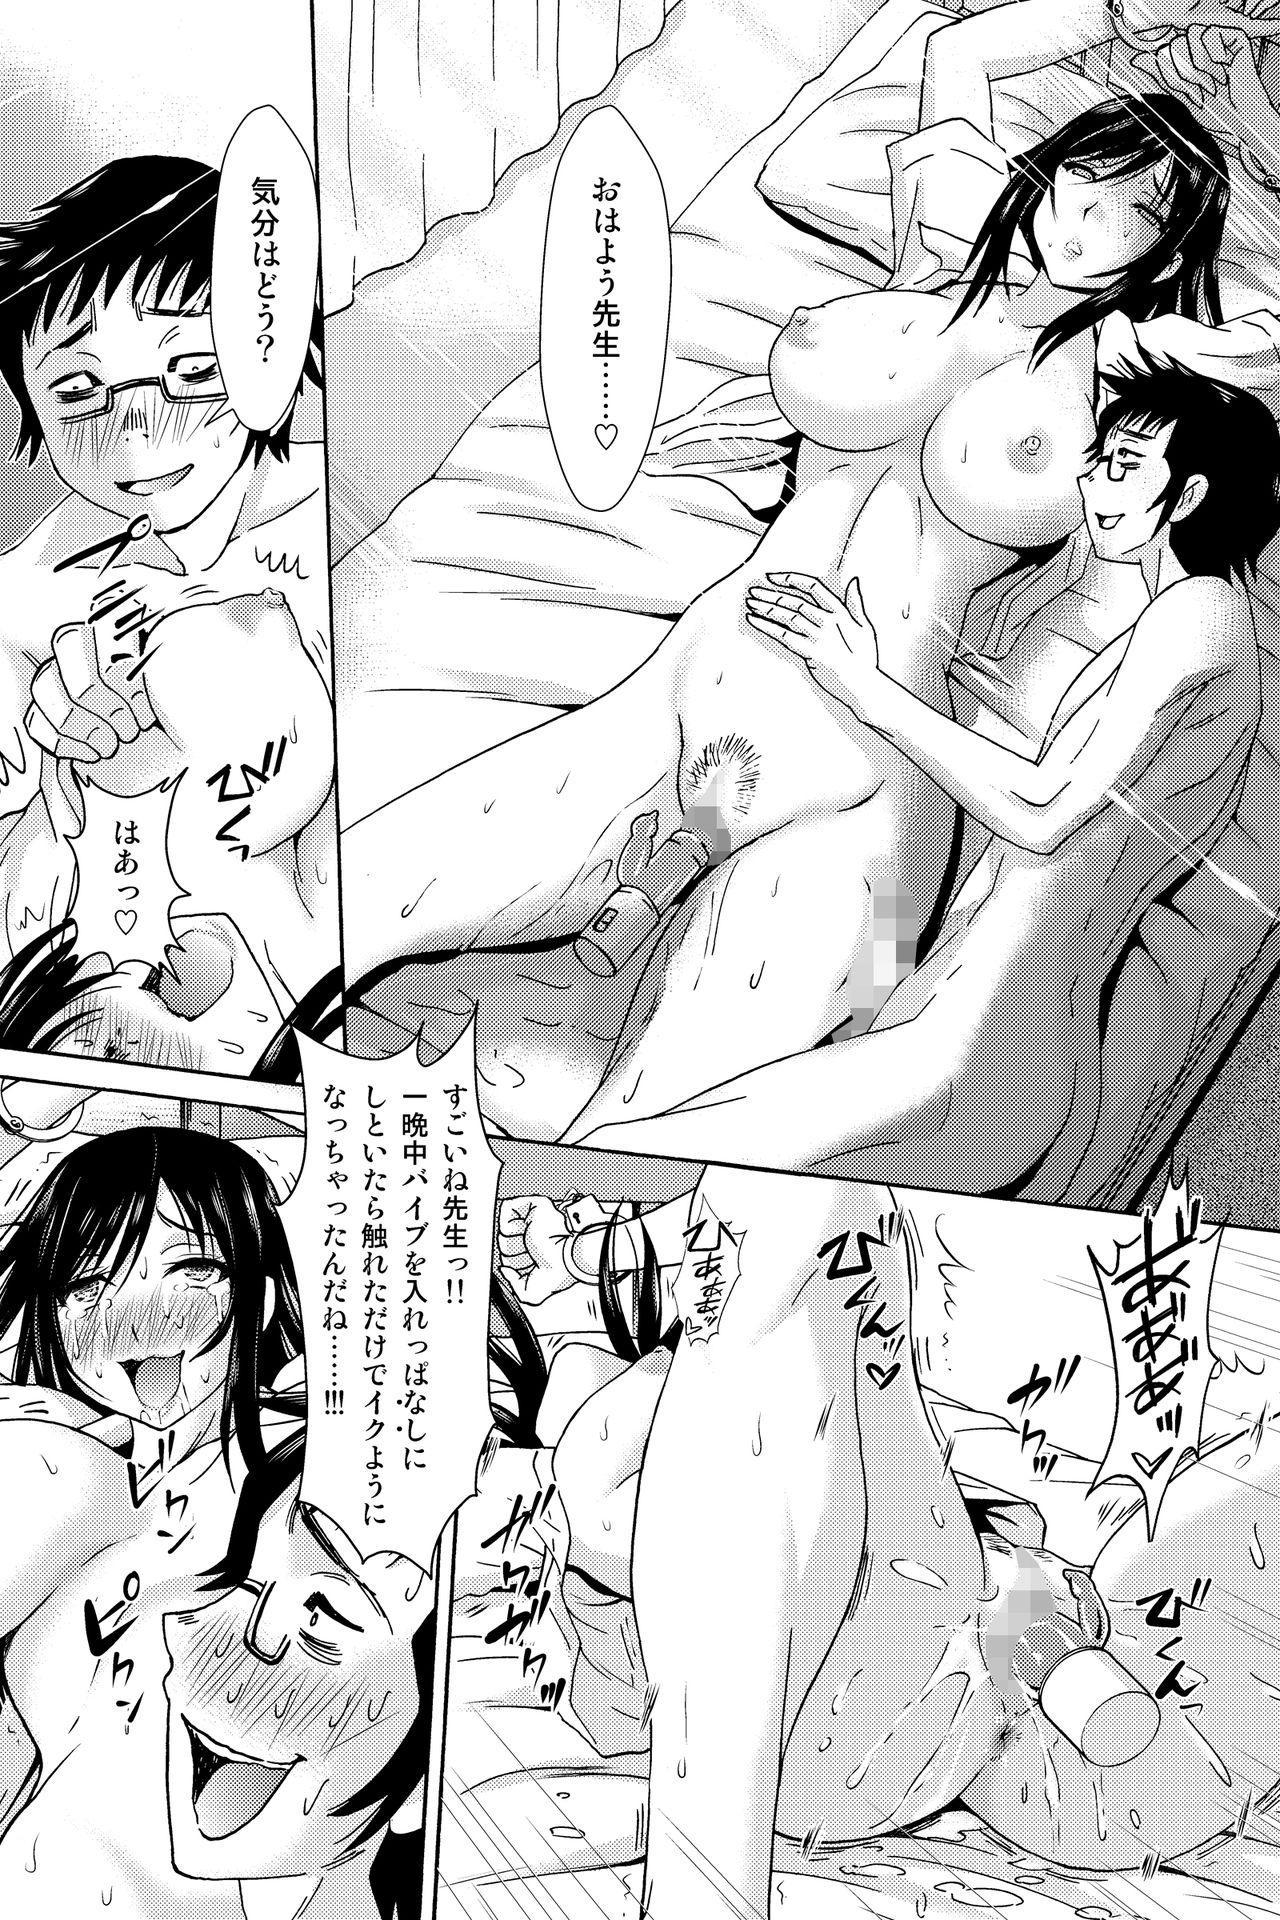 Katei Kyoushi Ayaka Sensei no Karada ga Iyarashi sugita node Kankin Shimashita 23